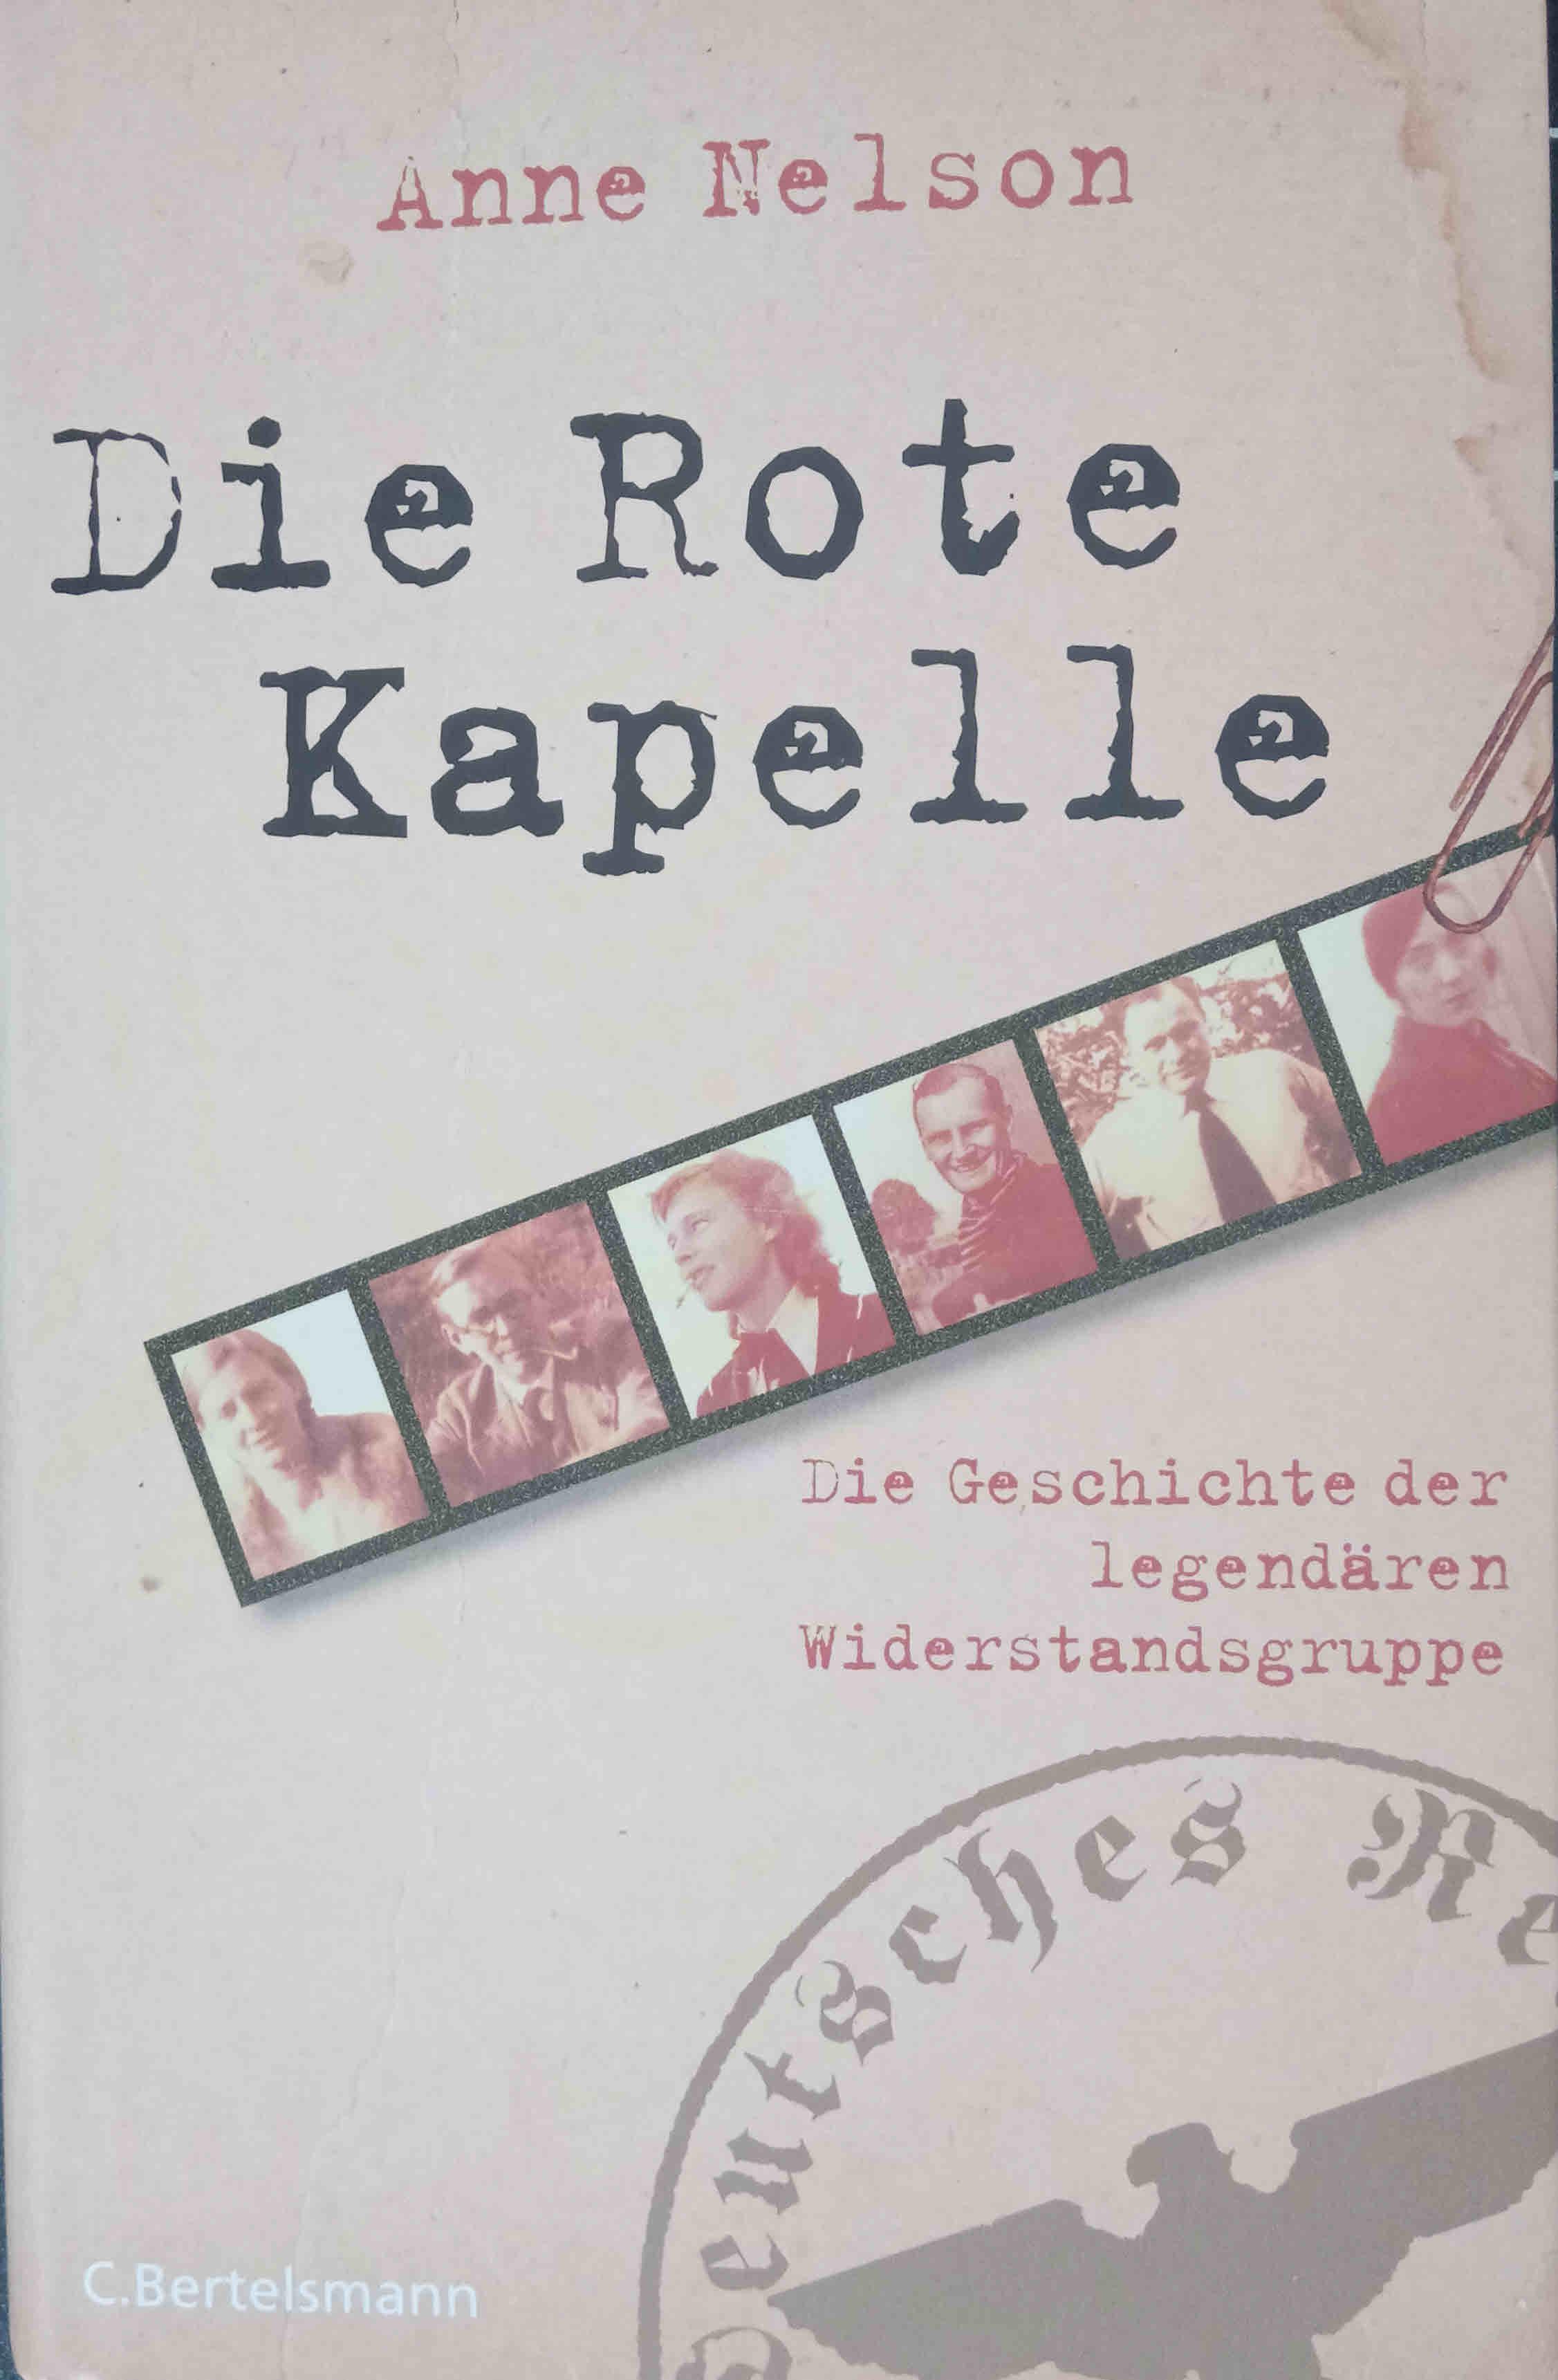 Die Rote Kapelle : die Geschichte der legendären Widerstandsgruppe. Aus dem amerikan. Engl. von Michael Müller / Teil von: Anne-Frank-Shoah-Bibliothek - Nelson, Anne